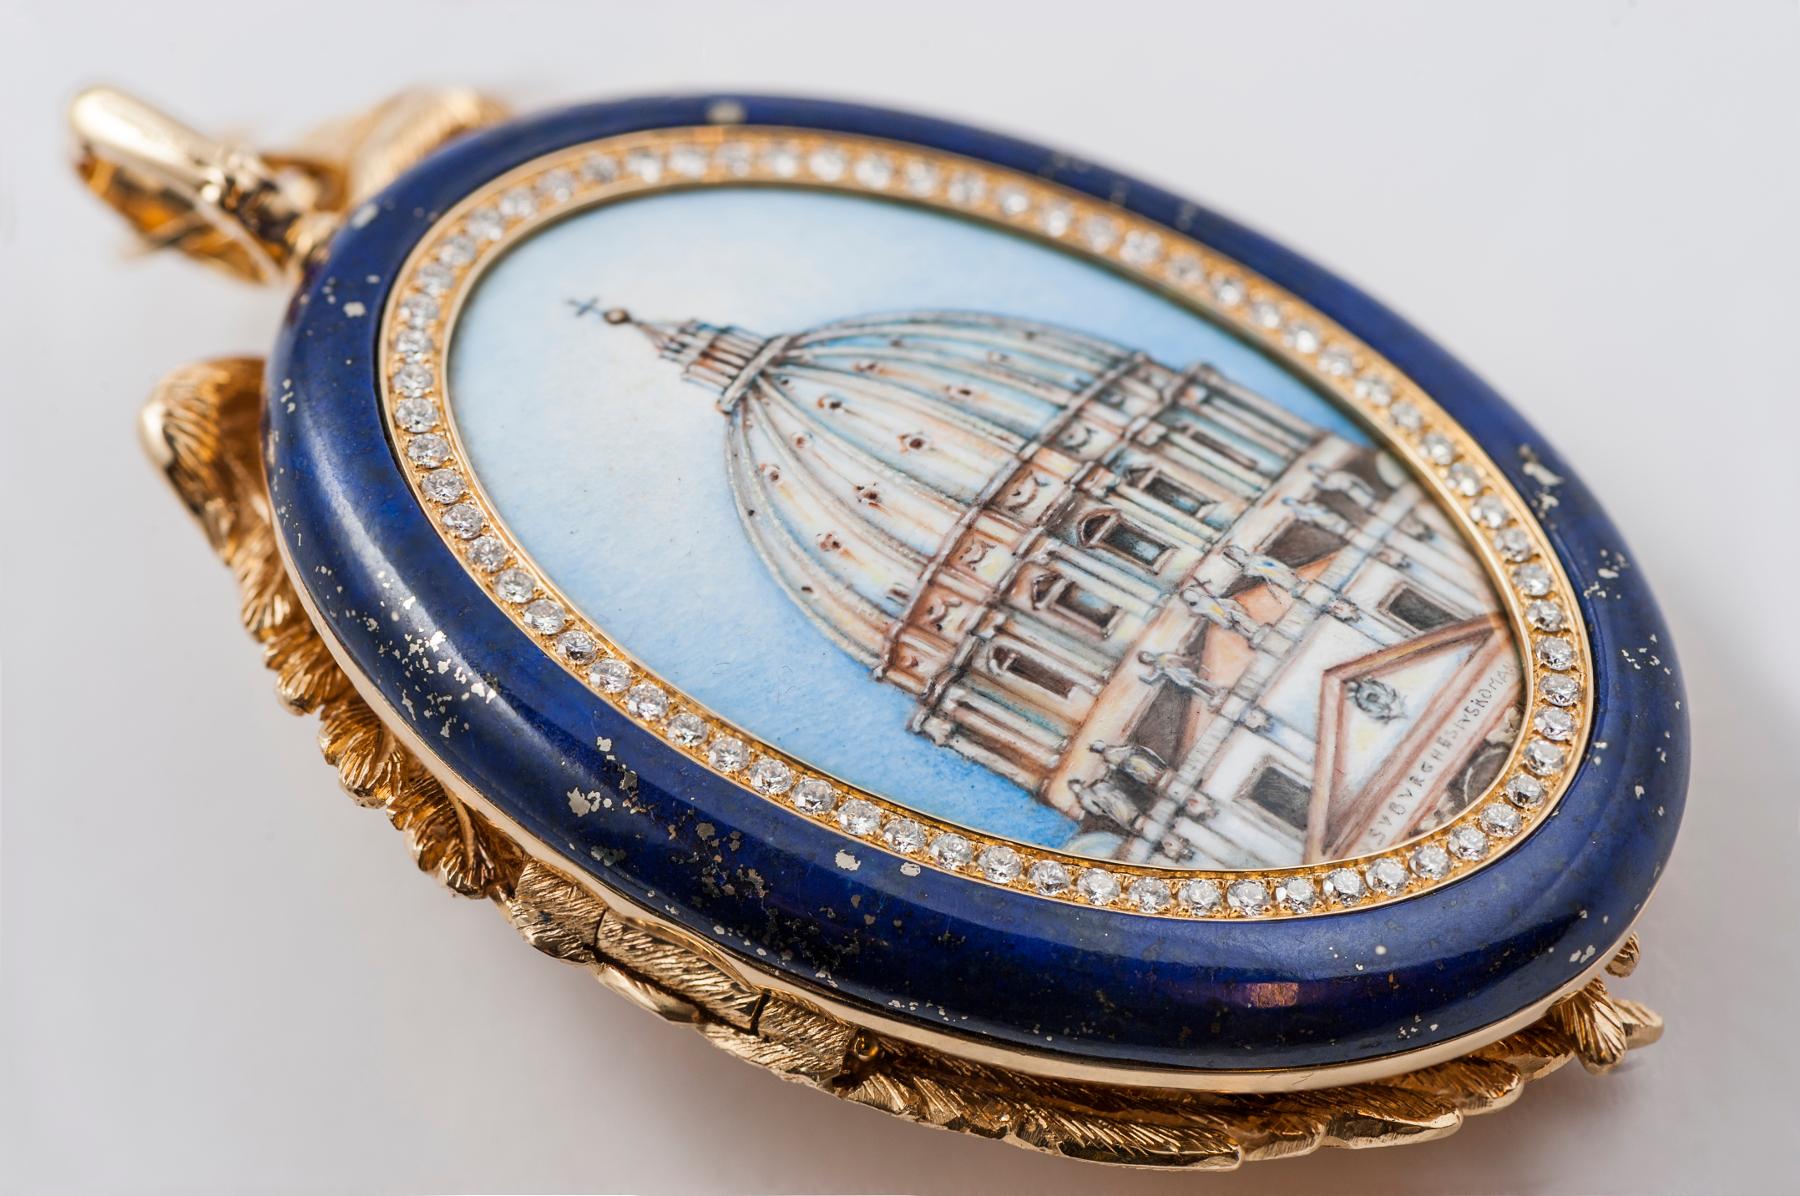 La rappresentazione in smalto della veduta diurna di S. Pietro, chiusa in un ovale di diamanti e lapislazzuli